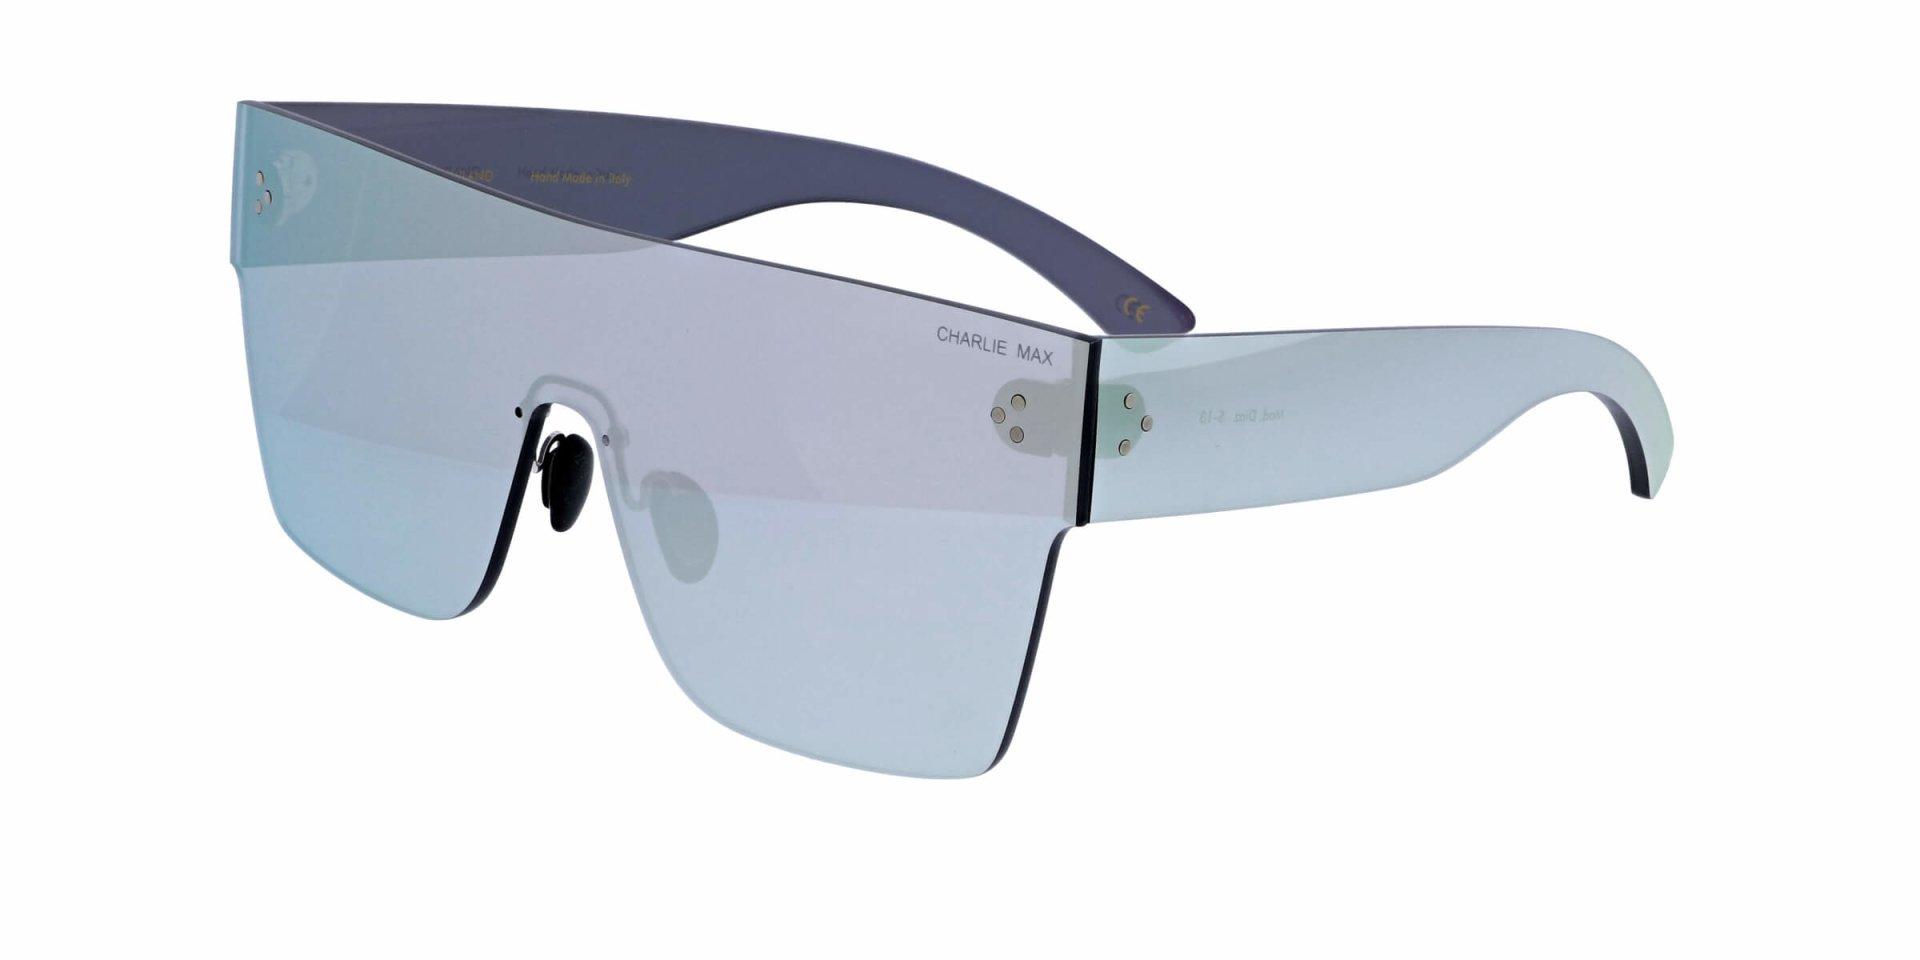 85e68ead81 Sunglasses CHARLIE MAX MILANO